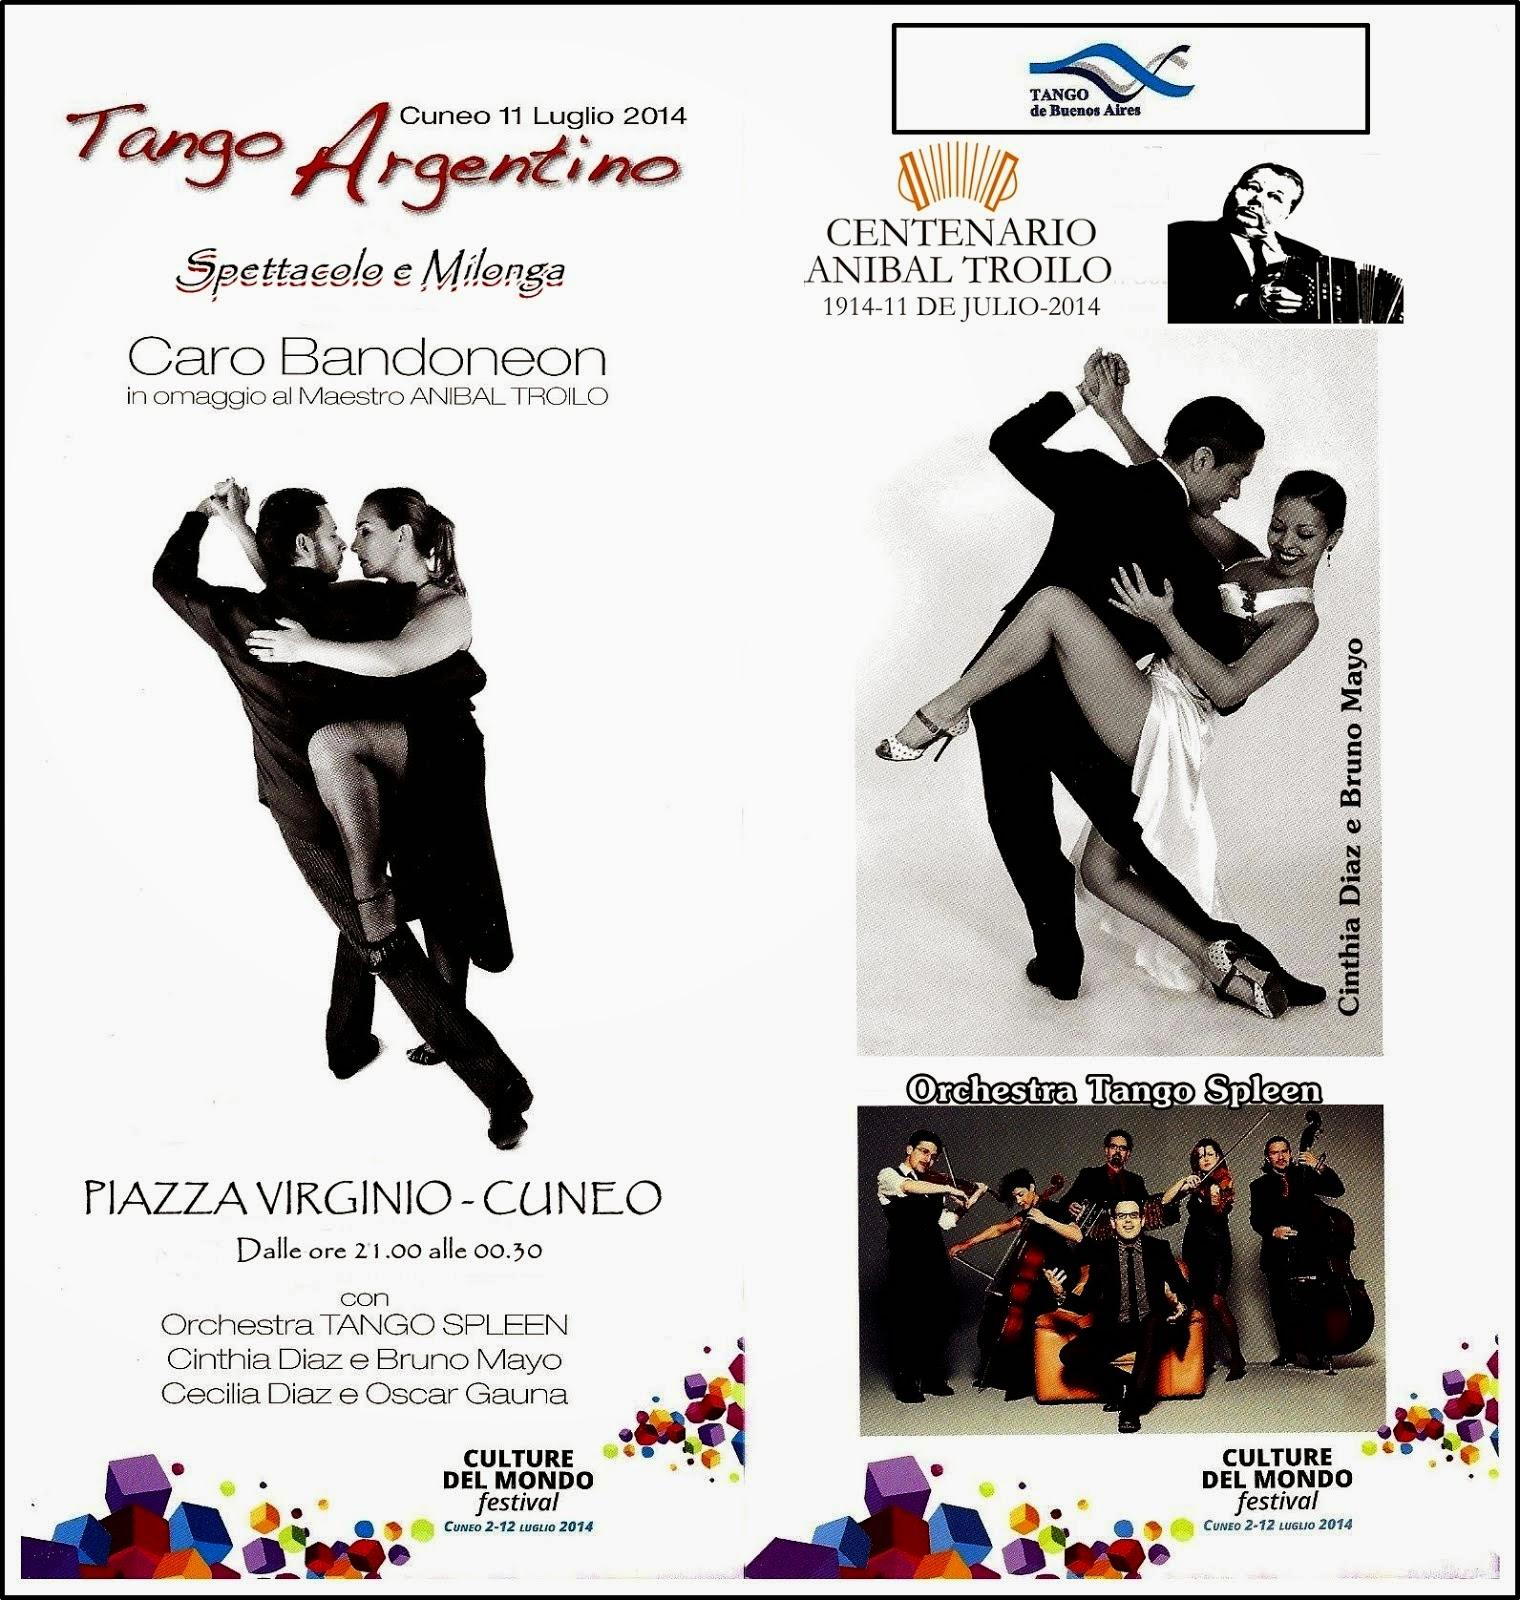 Festival Culture del Mondo 2014